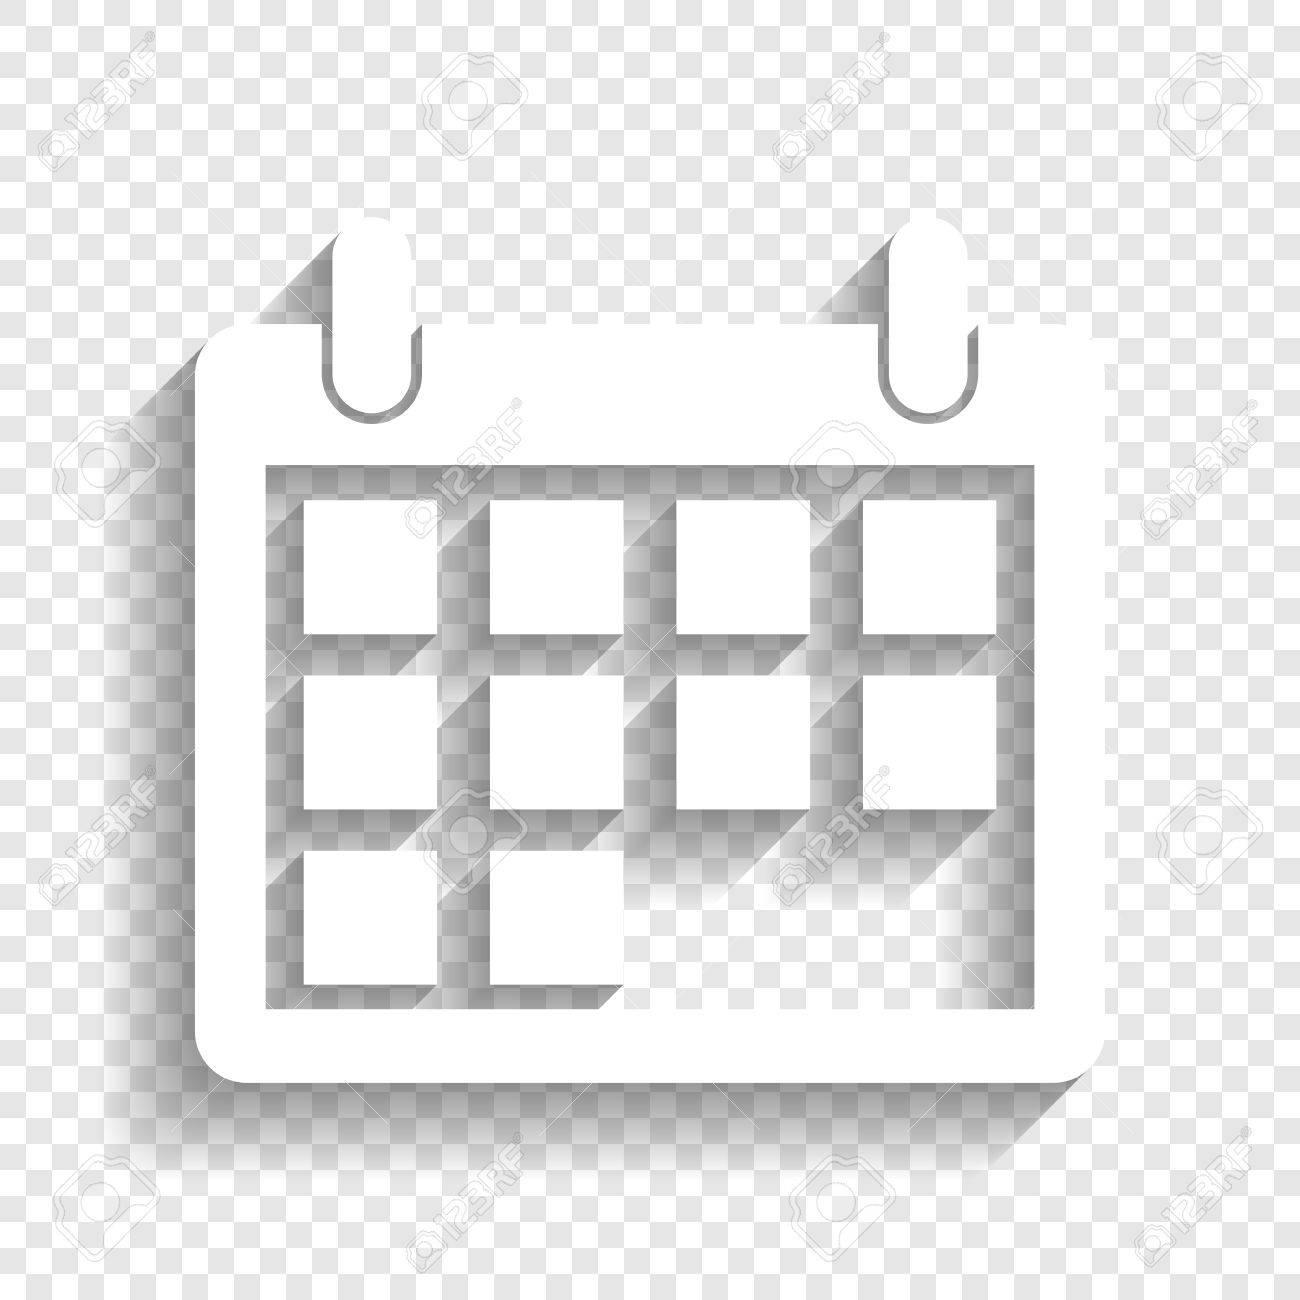 Calendario Vector Blanco.Ilustracion De La Muestra Del Calendario Vector Icono Blanco Con Suave Sombra Sobre Fondo Transparente